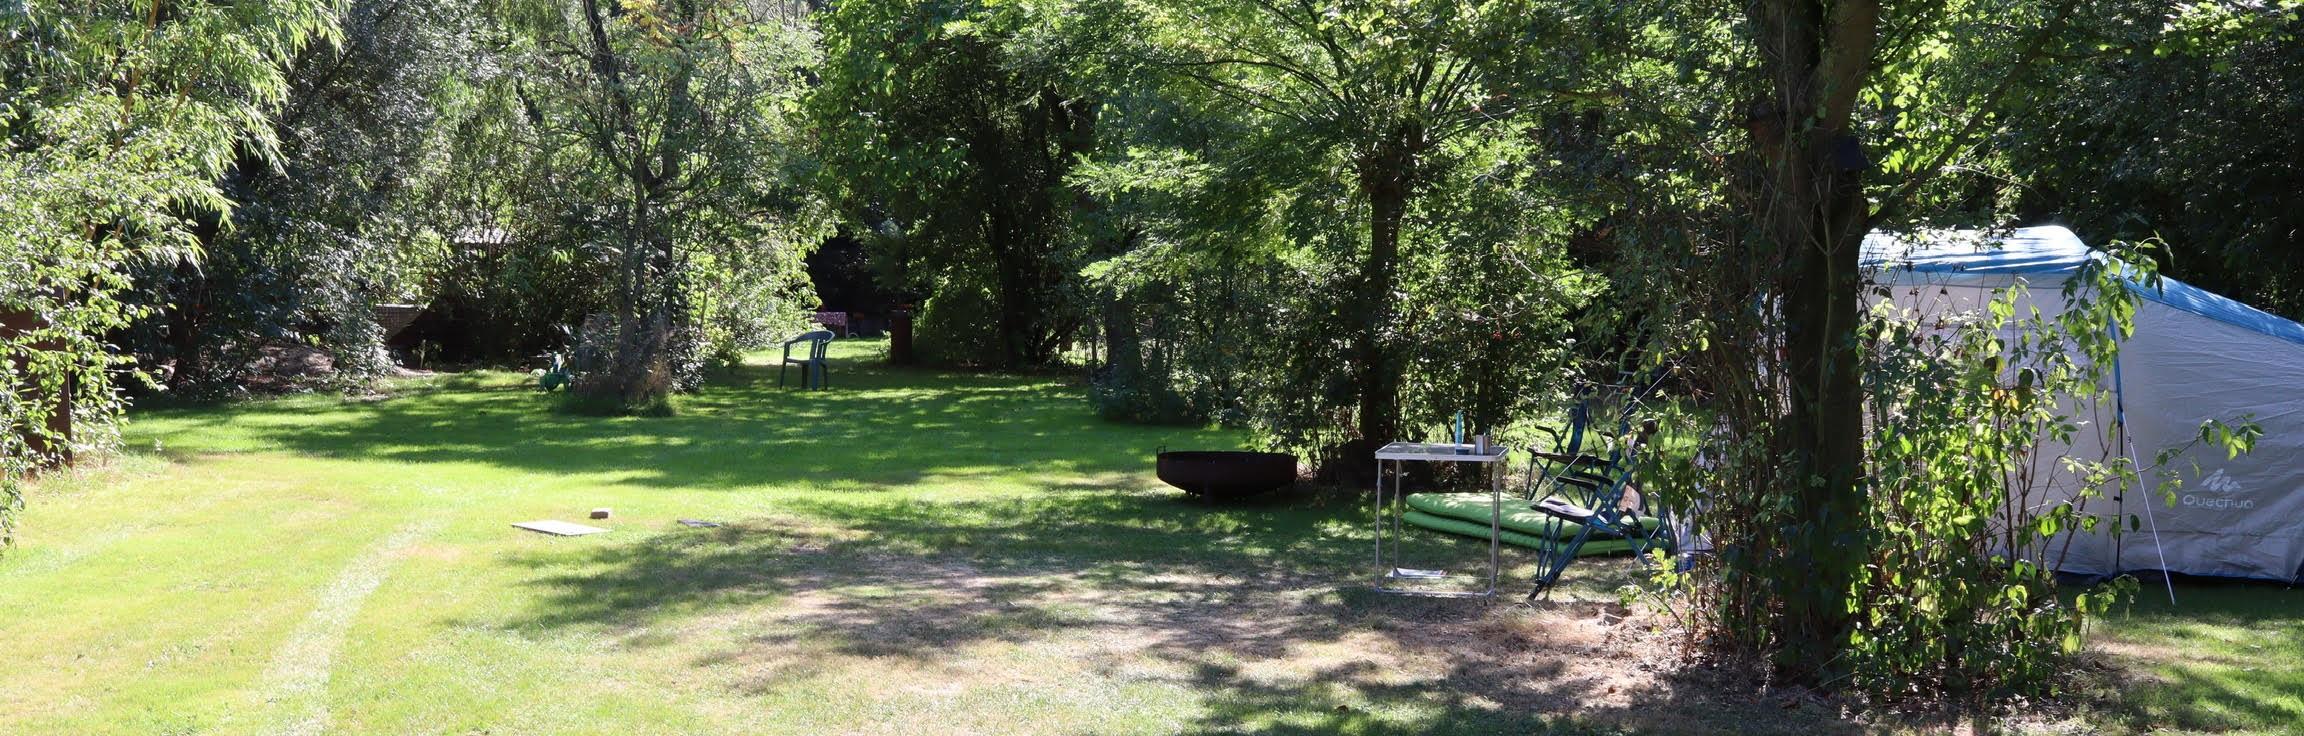 De tent van Lisa zie je samen met de natuurrijke omgeving van het kampeerterrein